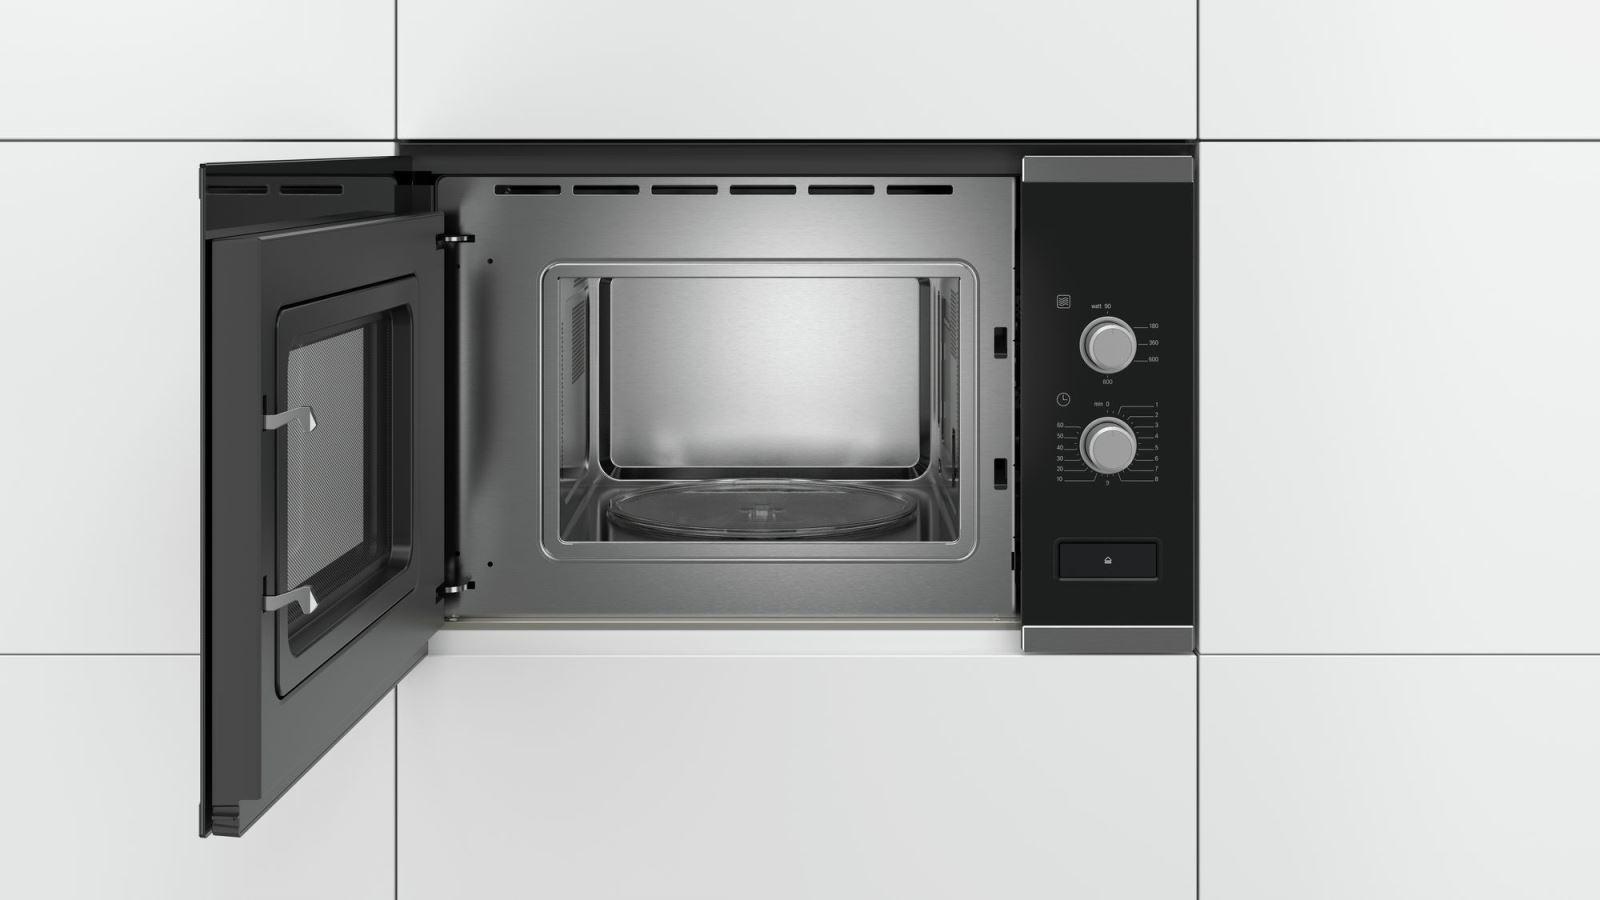 Kết quả hình ảnh cho Bosch BFL520MS0